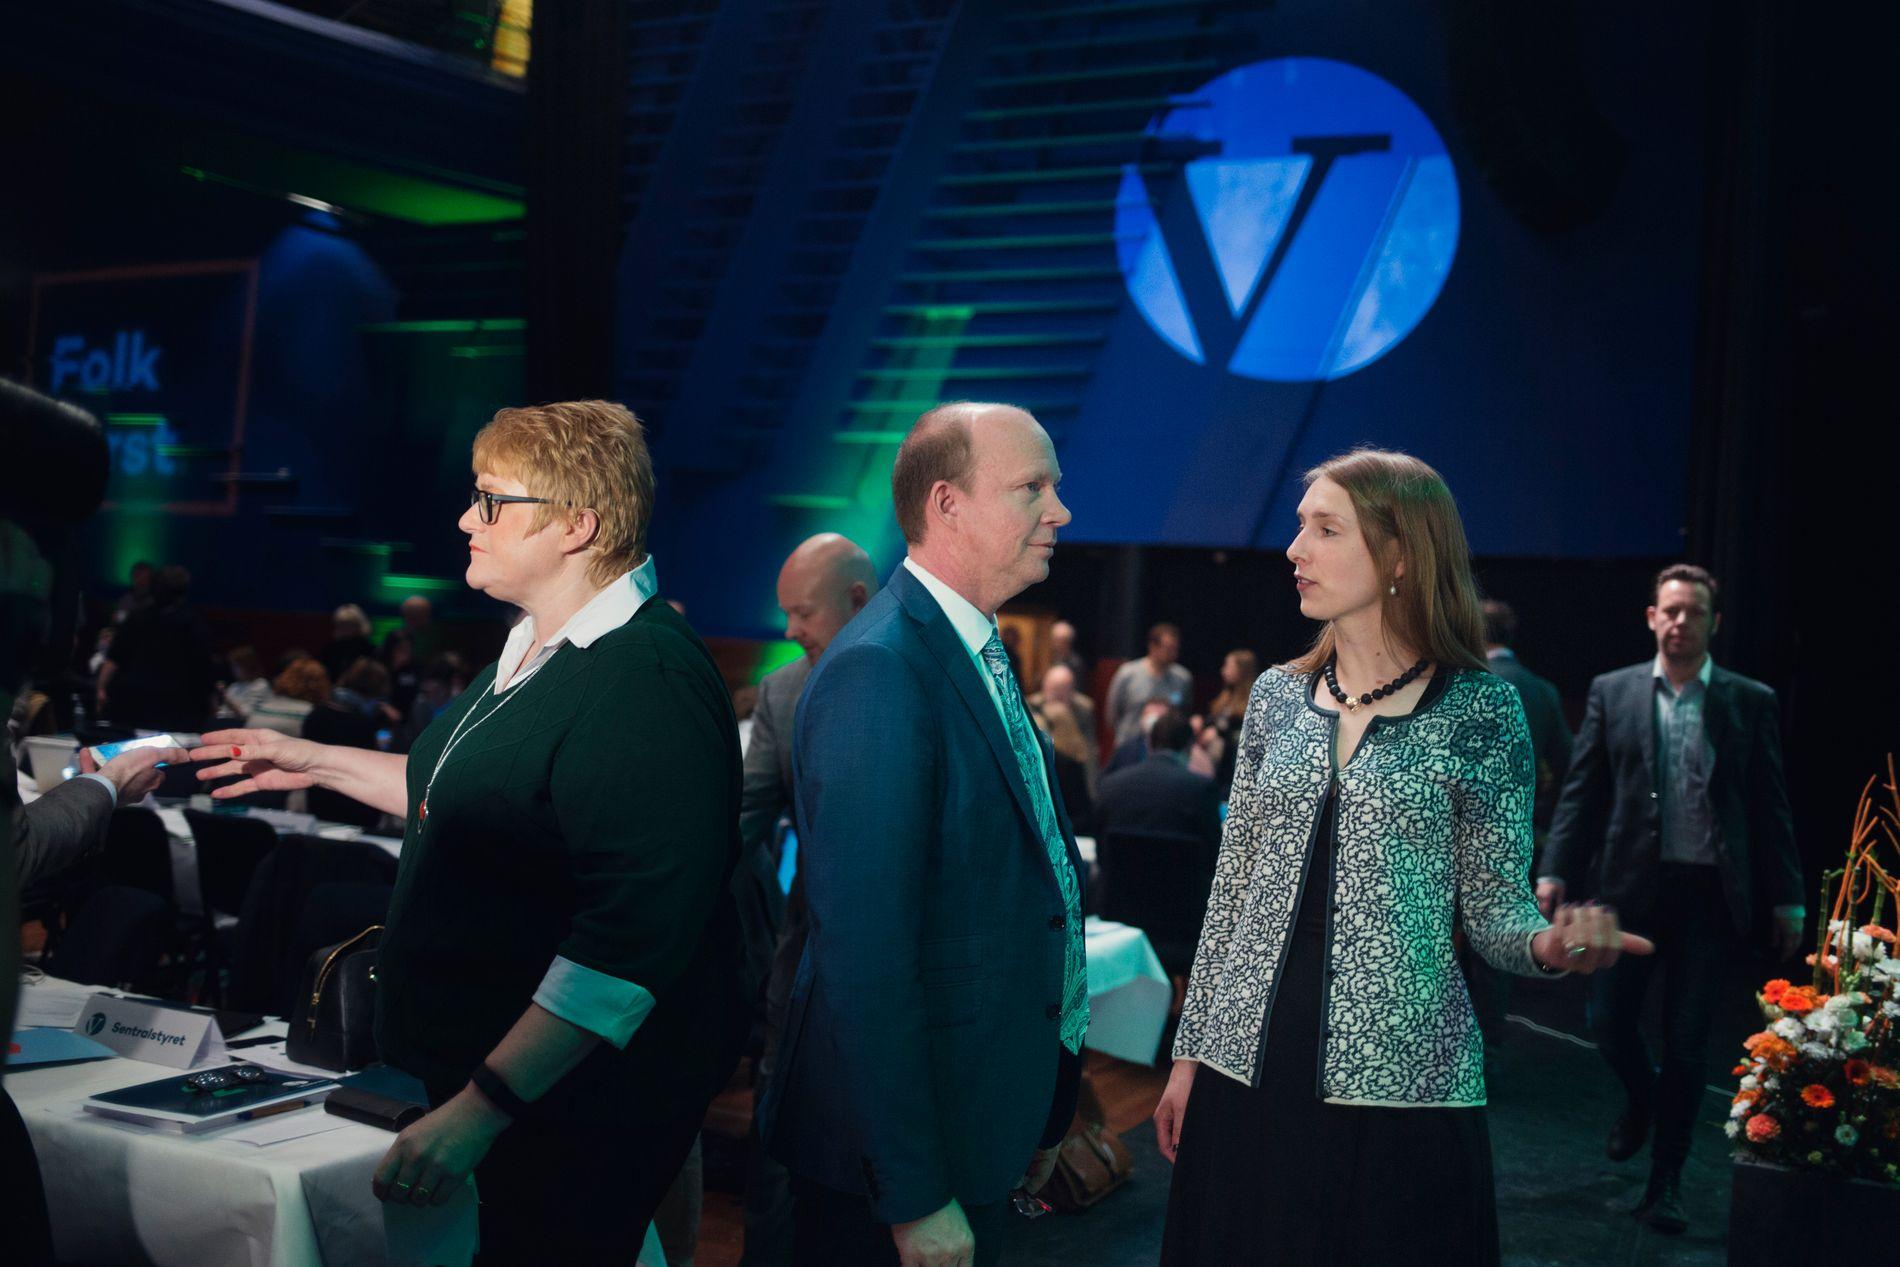 PARTIKOLLEGER: Leder Trine Skei Grande, stortingsrepresentant Ketil Kjenseth og statsråd Iselin Nybø, her på Venstres landsmøte.